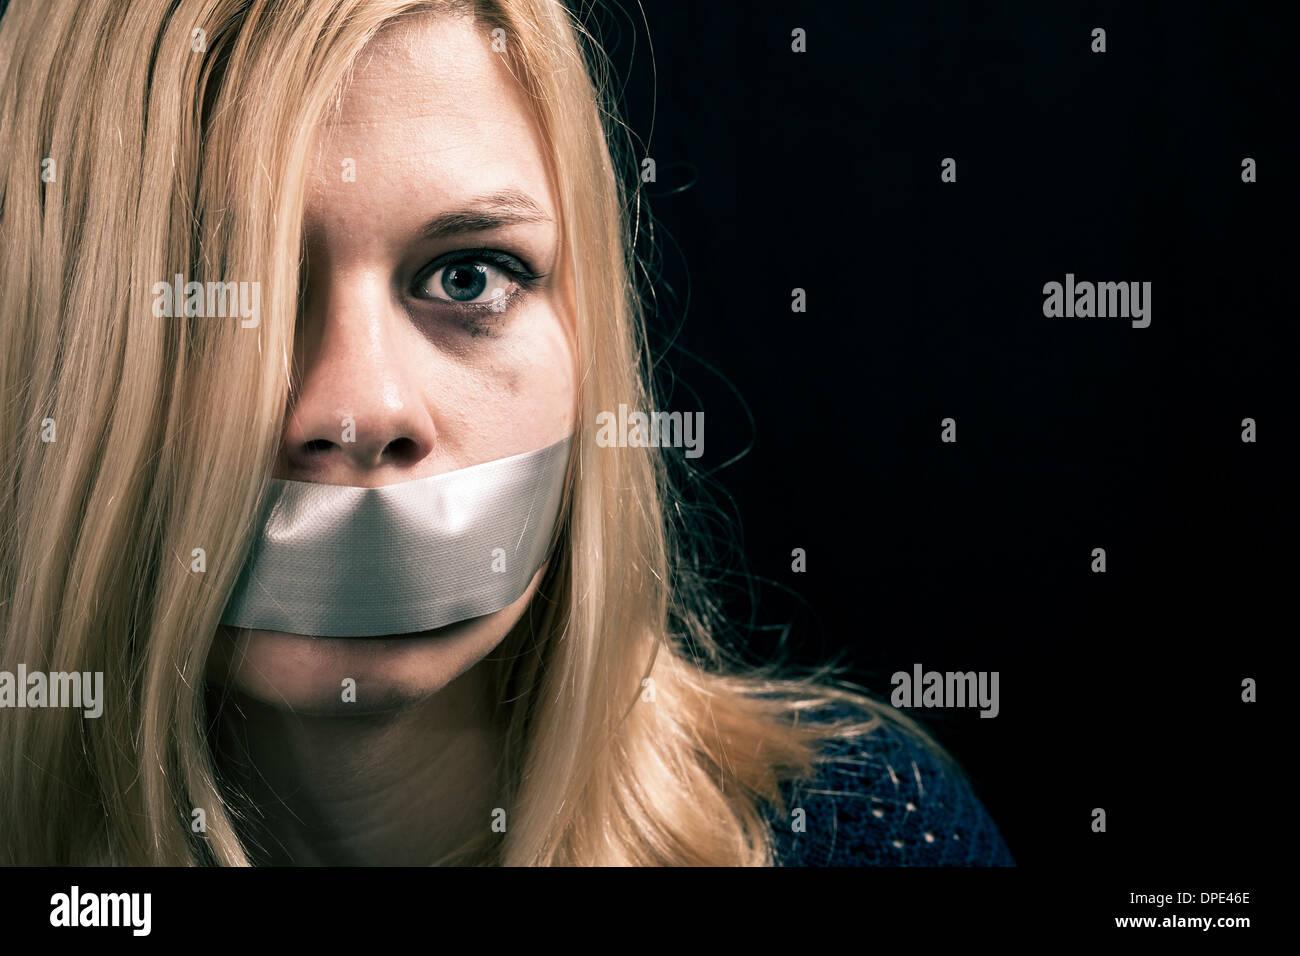 Похищение с аналом, Похищение анал - видео rating Flesh Hole HD 12 фотография